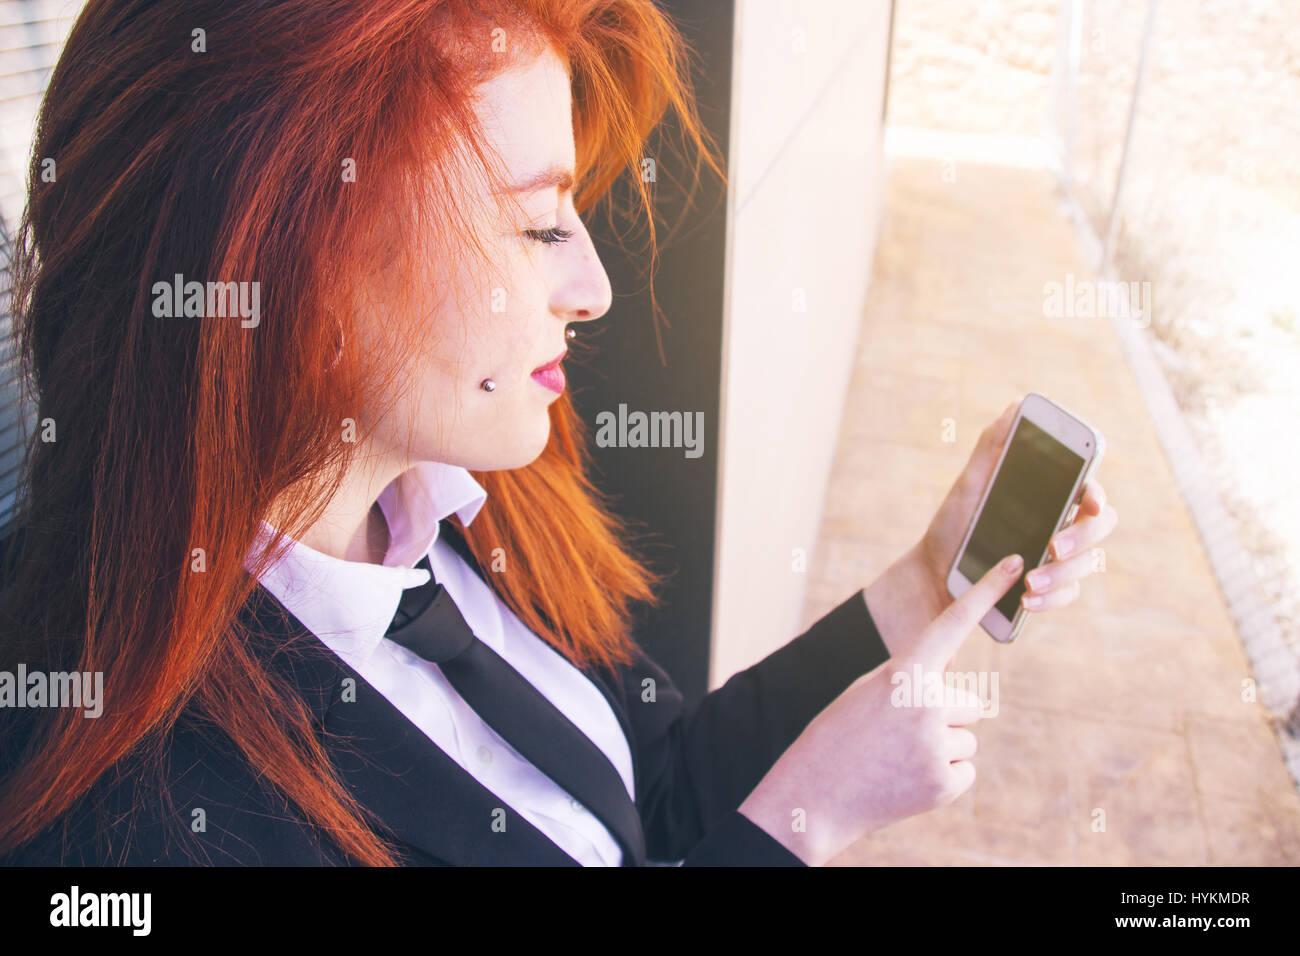 Junge rothaarige Geschäftsfrau mit ihrem smartphone Stockfoto